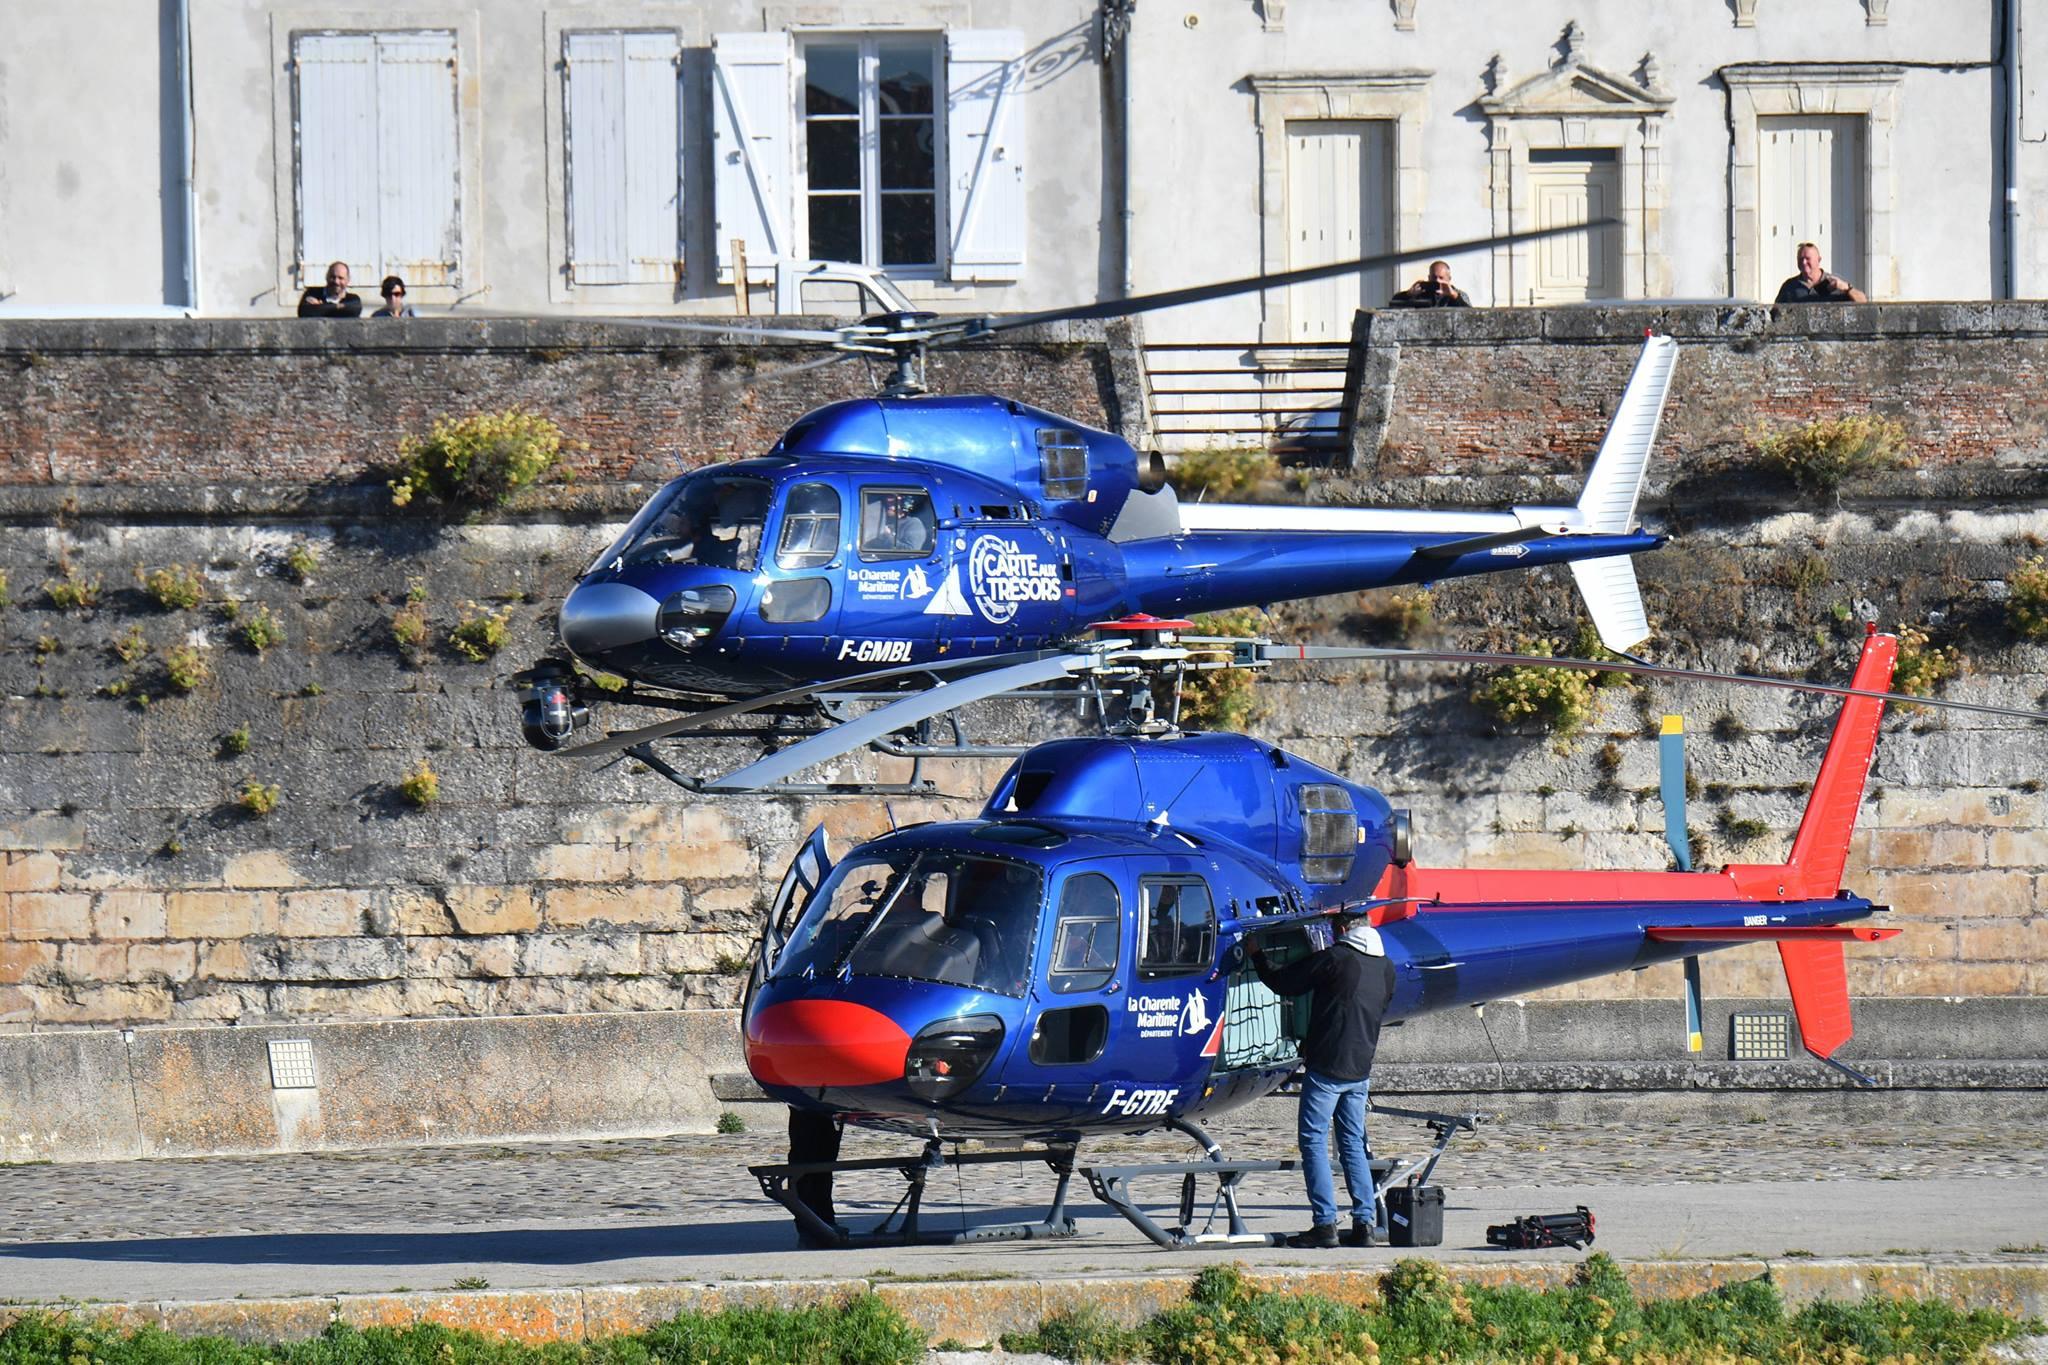 [Spécial] La Carte aux trésors en Charente-Maritime et au Fort Boyard - 17 avril 2019 à 21h sur France 3 42388910